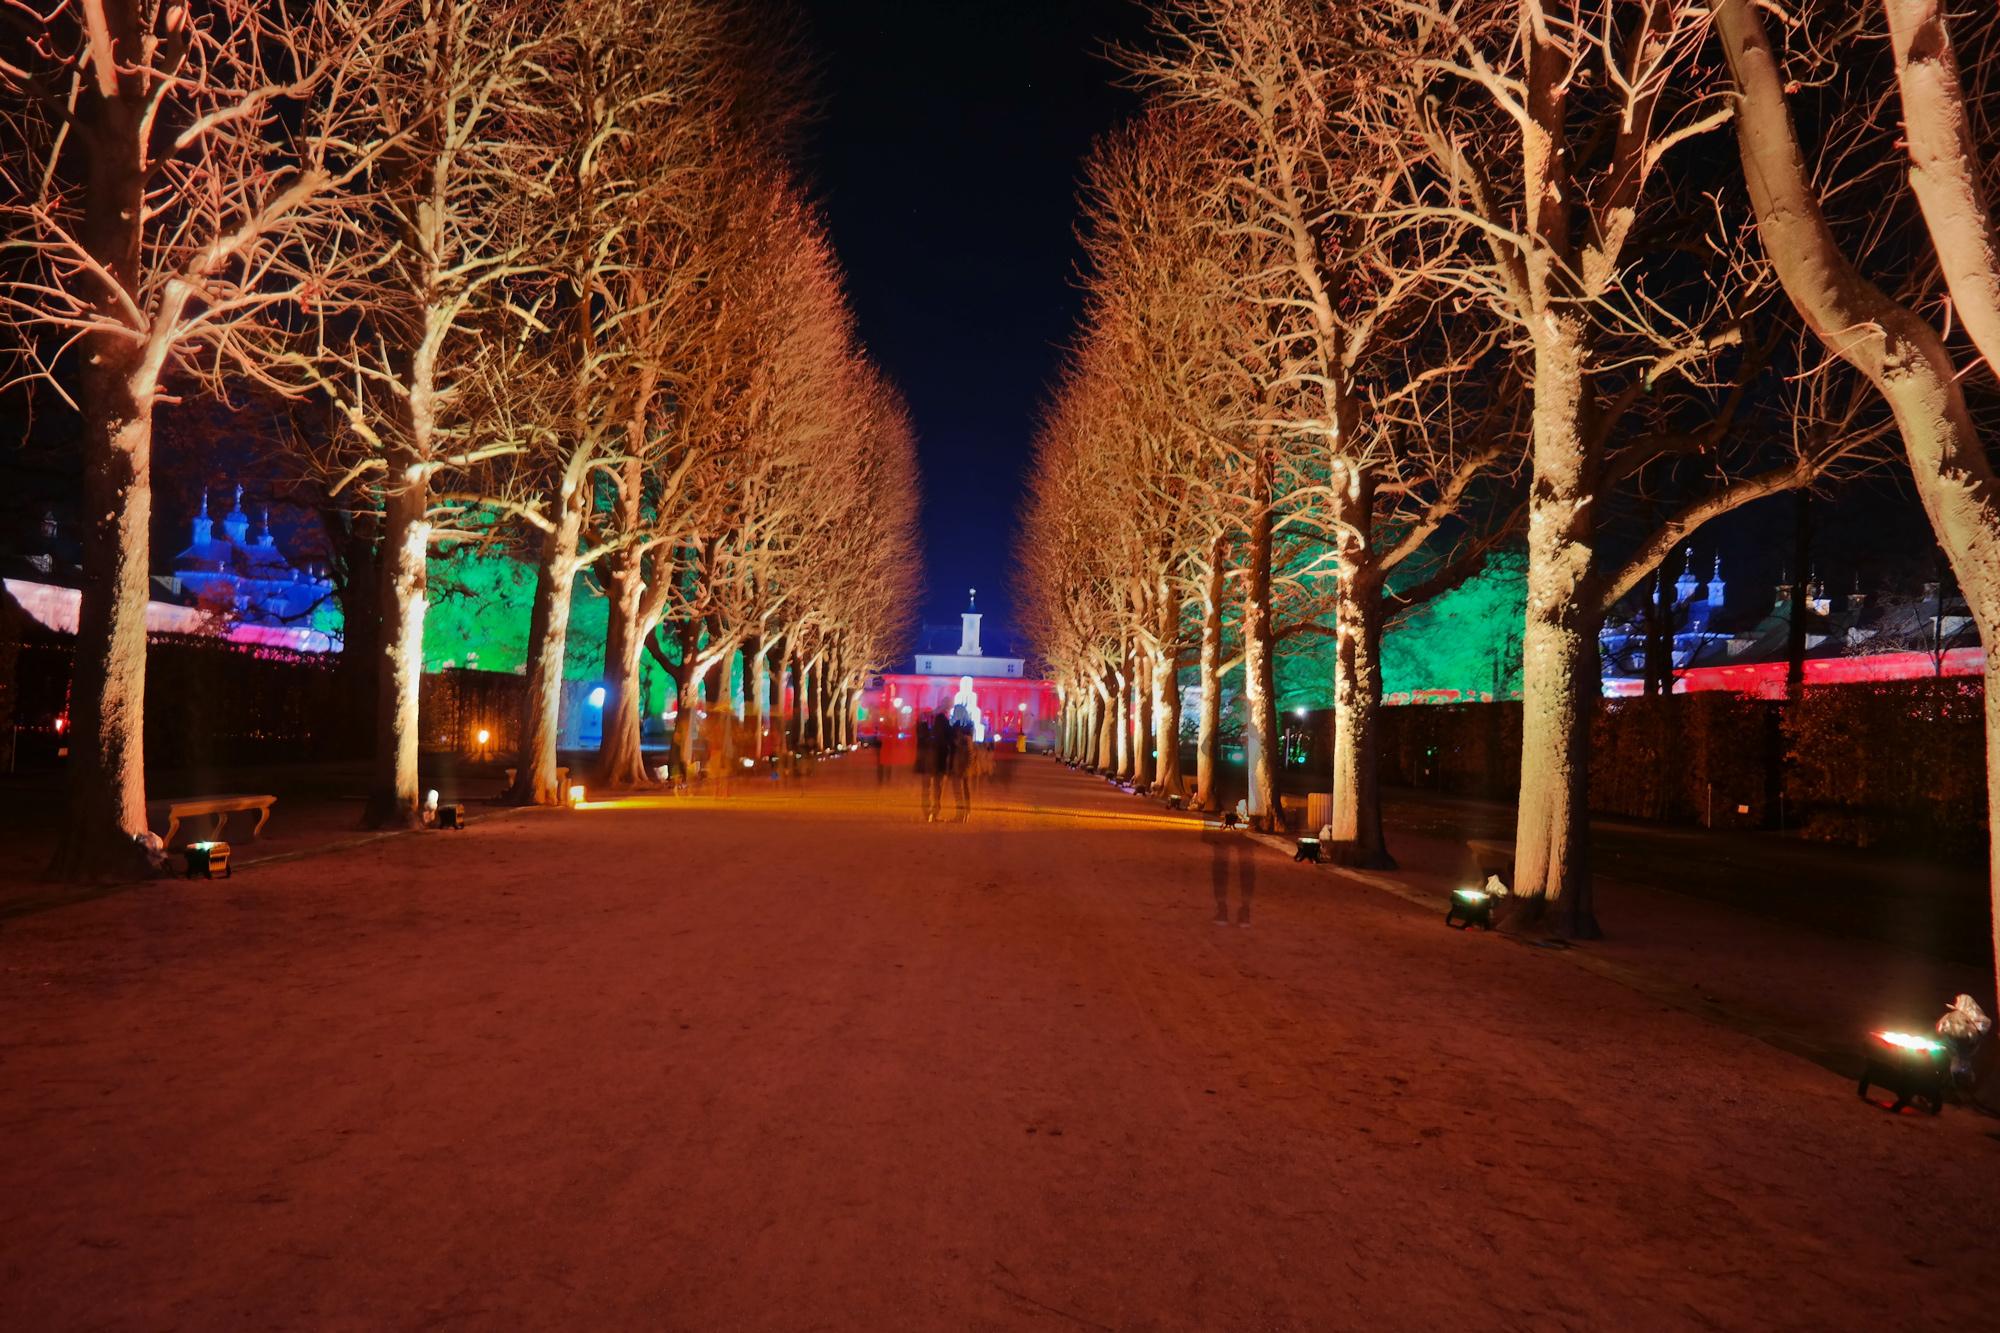 Christmas Garden Dresden - Eintritt in den bezaubernden Schlossgarten von Pillnitz